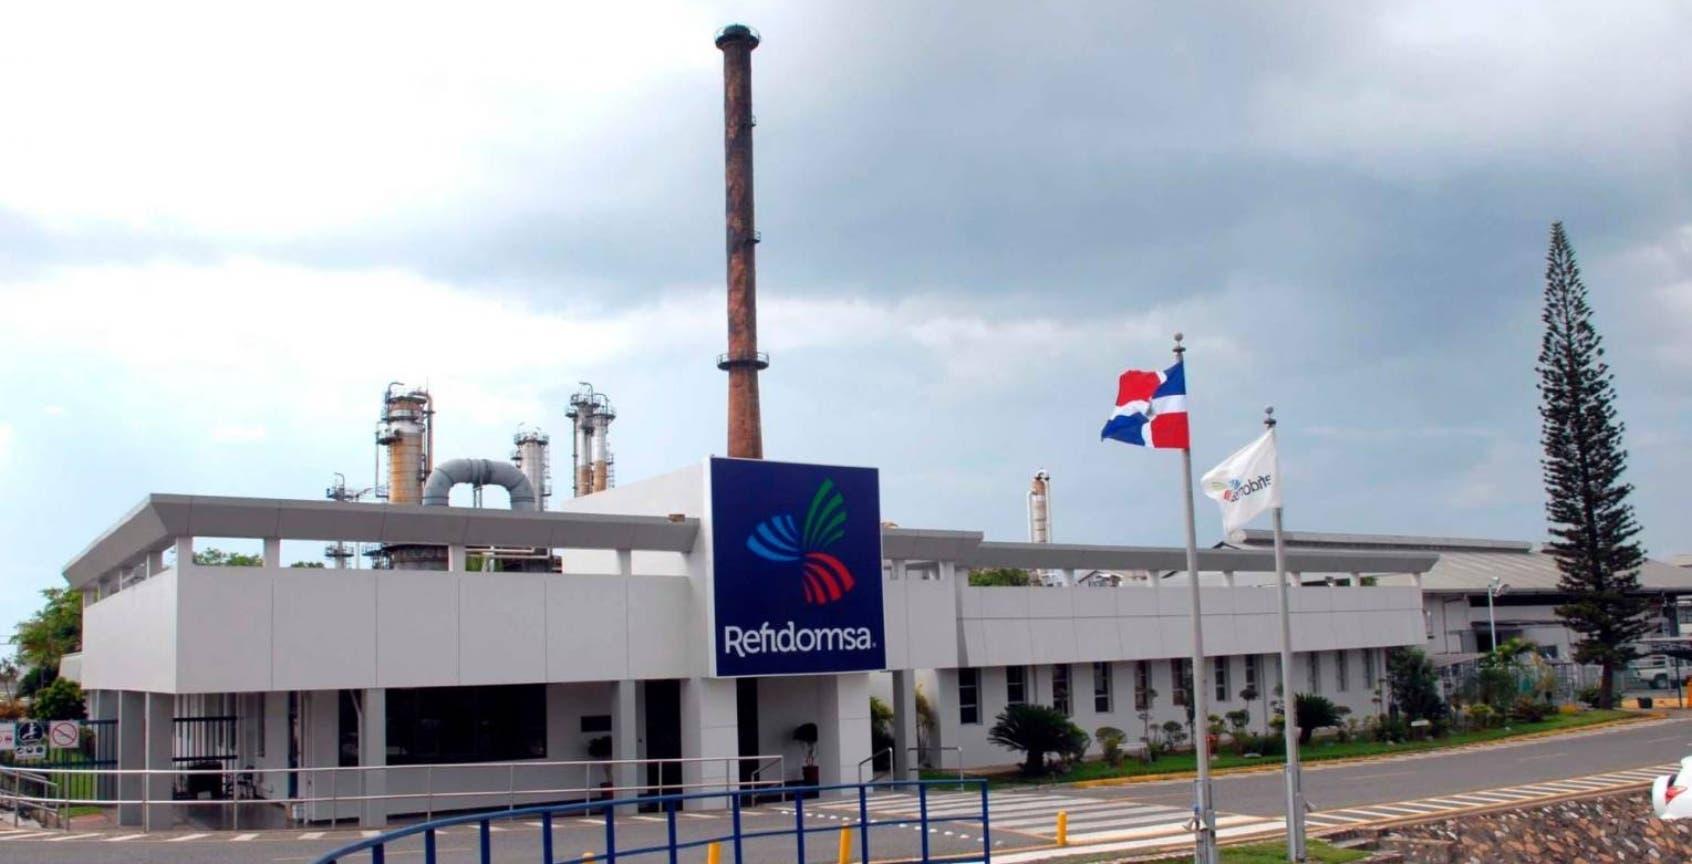 El Estado dominicano readquiere el 49 % de las acciones de Refidomsa